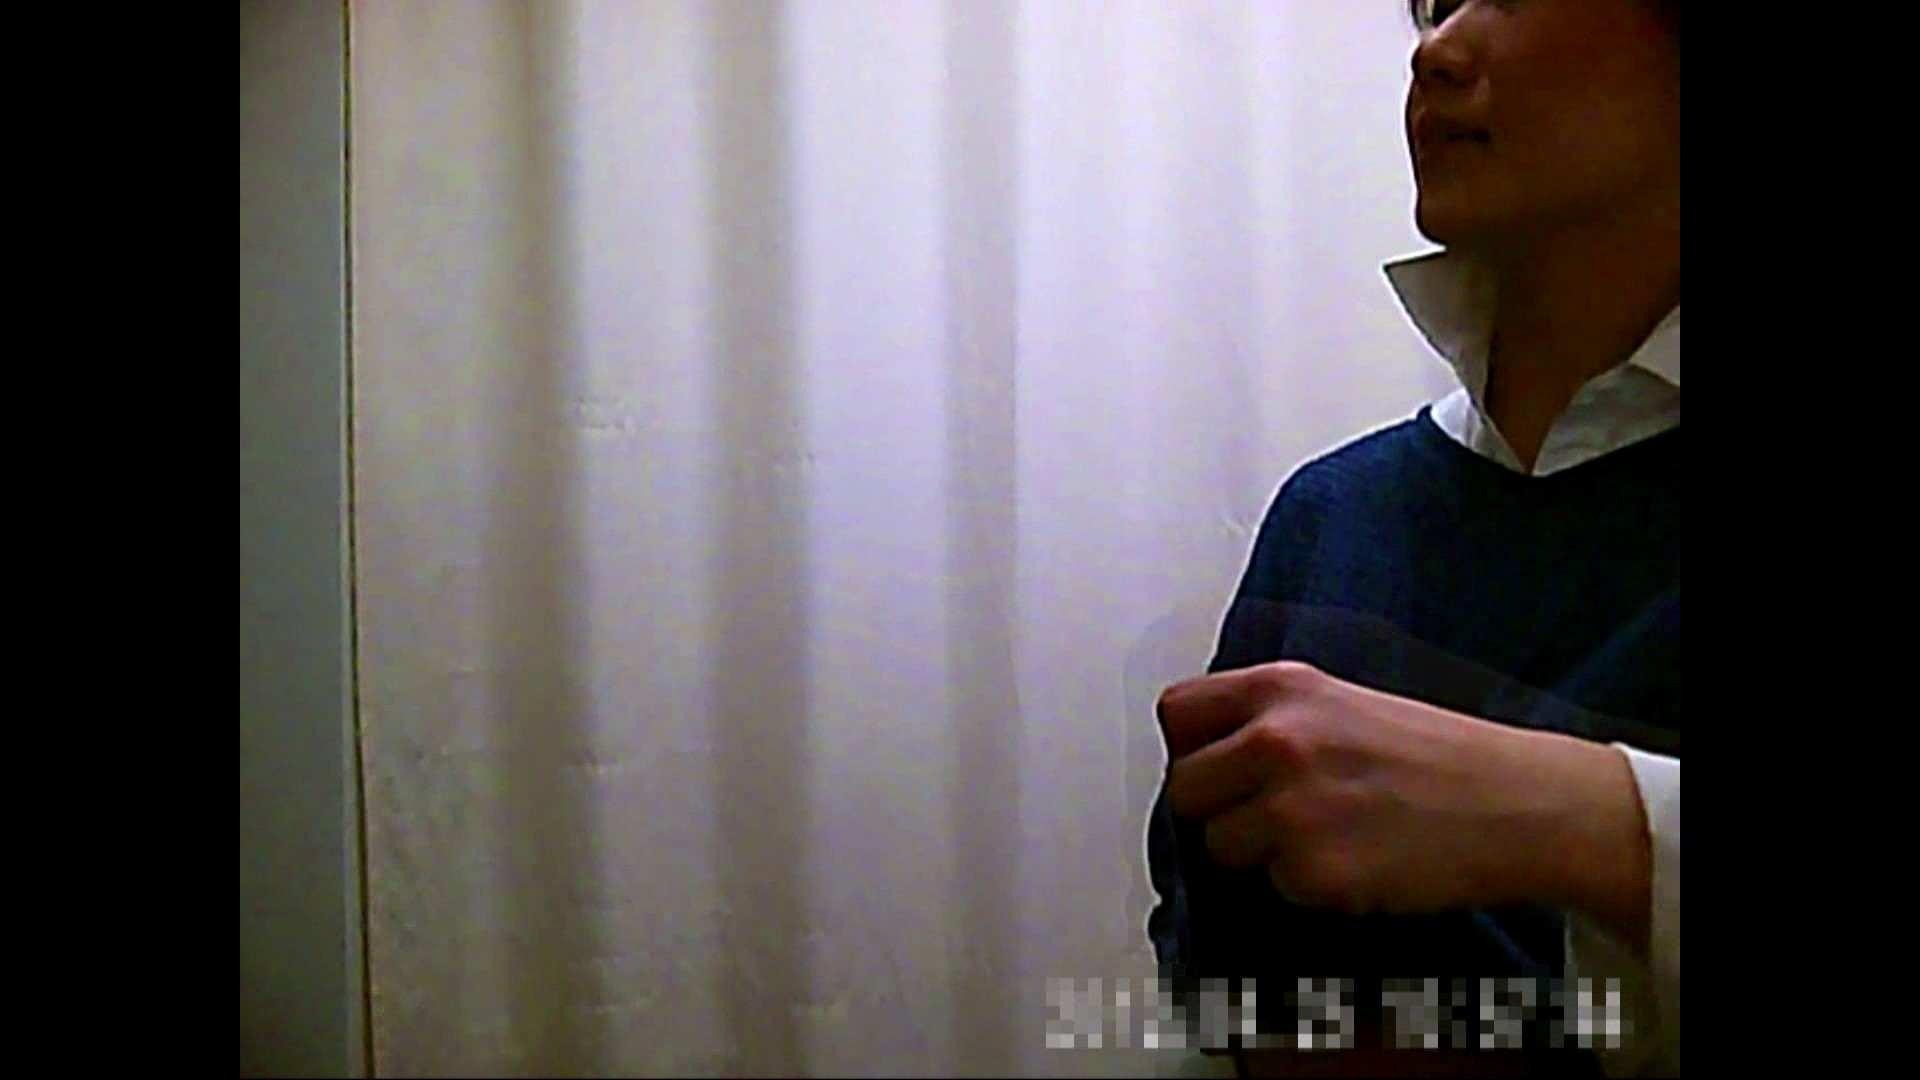 セックスアダルト動画|元医者による反抗 更衣室地獄絵巻 vol.008|怪盗ジョーカー